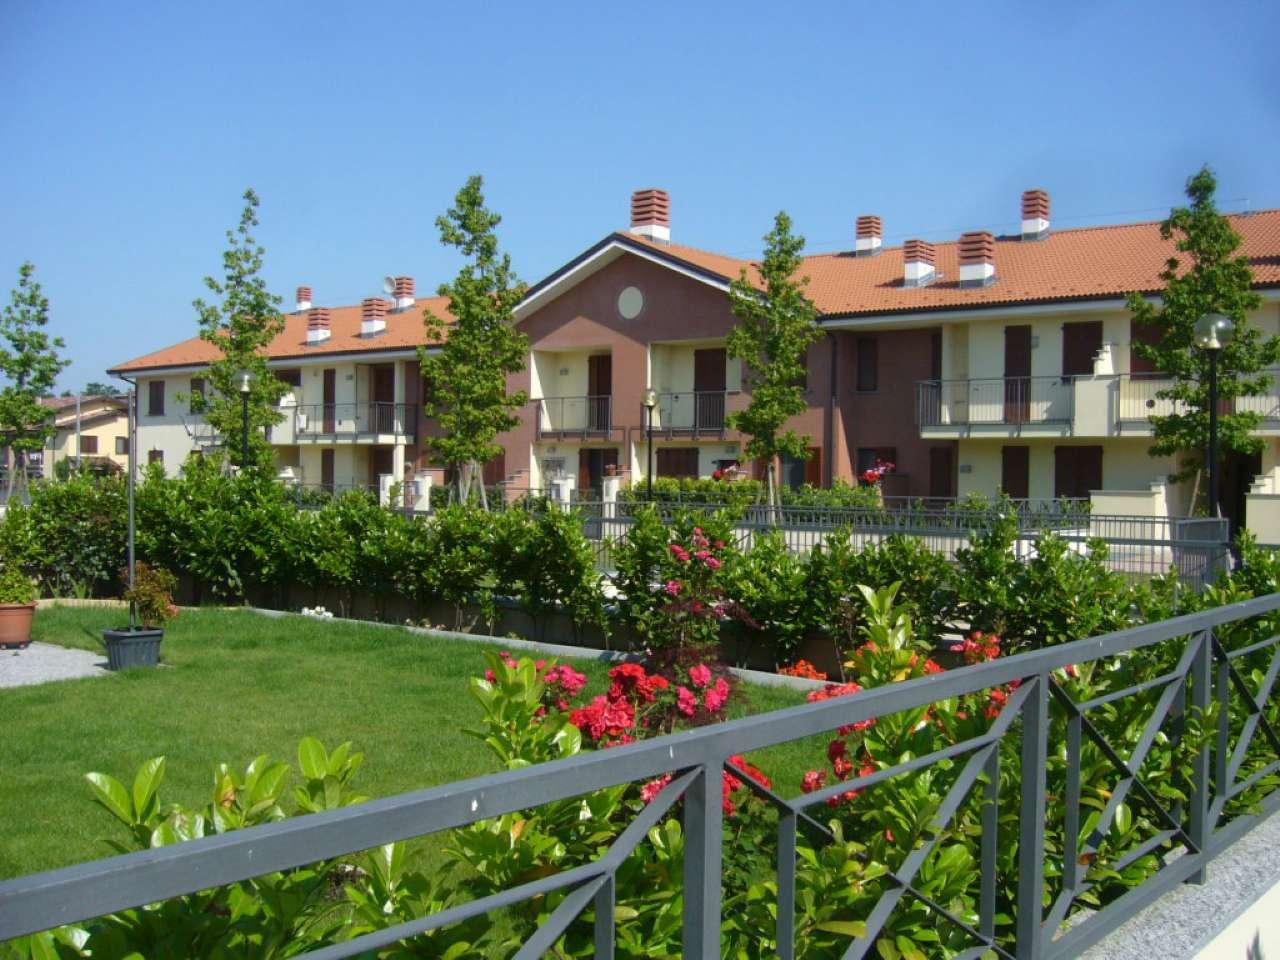 Appartamento in vendita a Landriano, 3 locali, prezzo € 144.000 | Cambio Casa.it